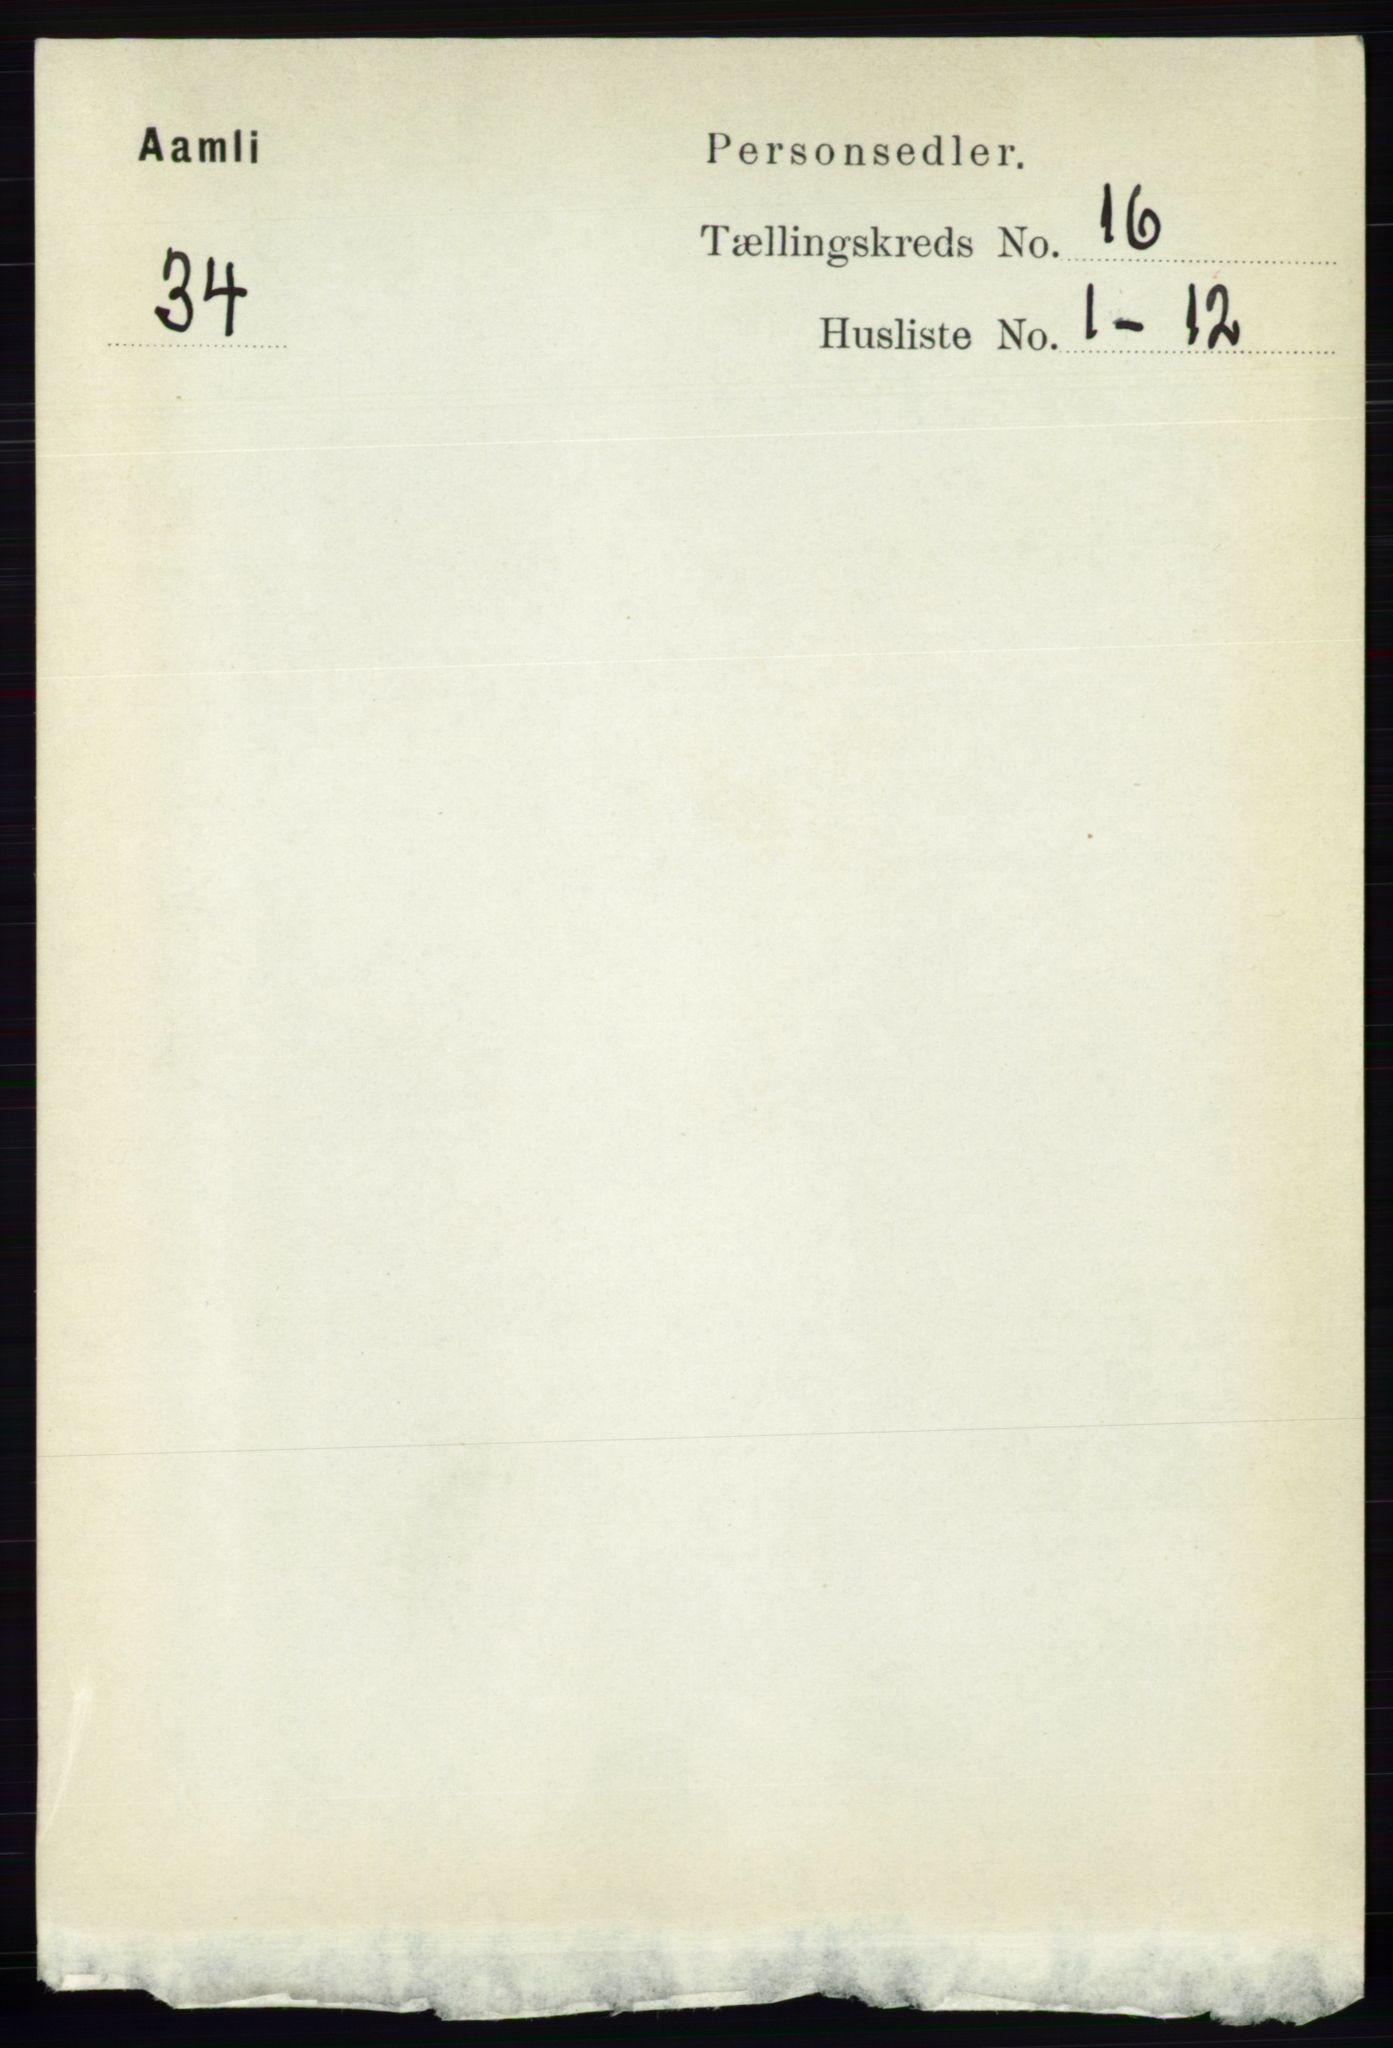 RA, Folketelling 1891 for 0929 Åmli herred, 1891, s. 2684